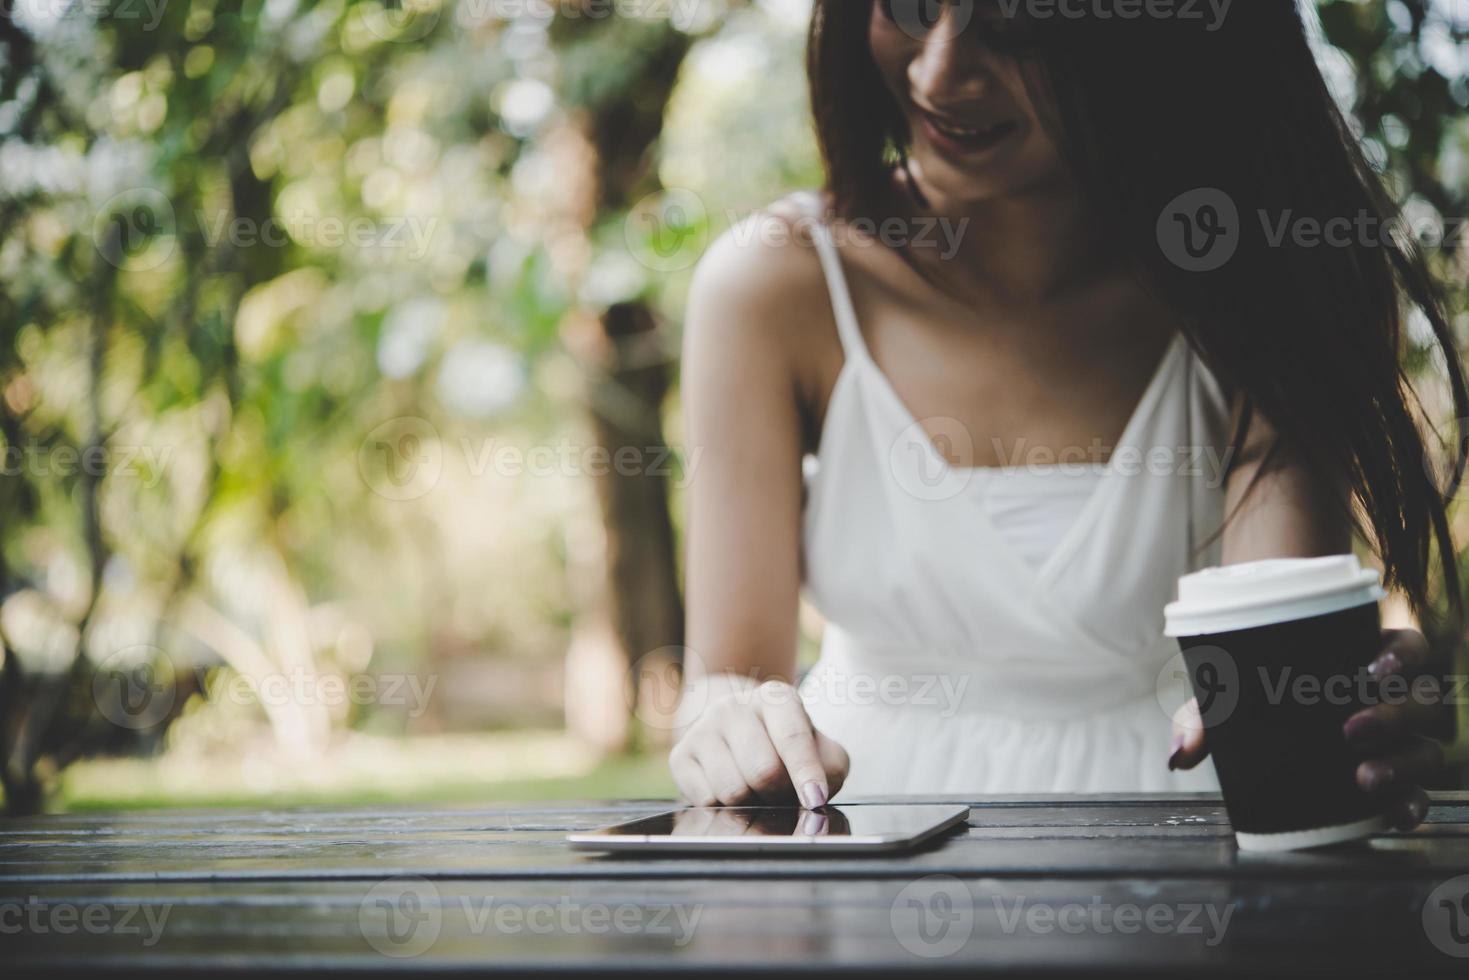 Mujer joven sosteniendo una taza de café desechable mientras envía mensajes de texto a través del teléfono inteligente al aire libre foto